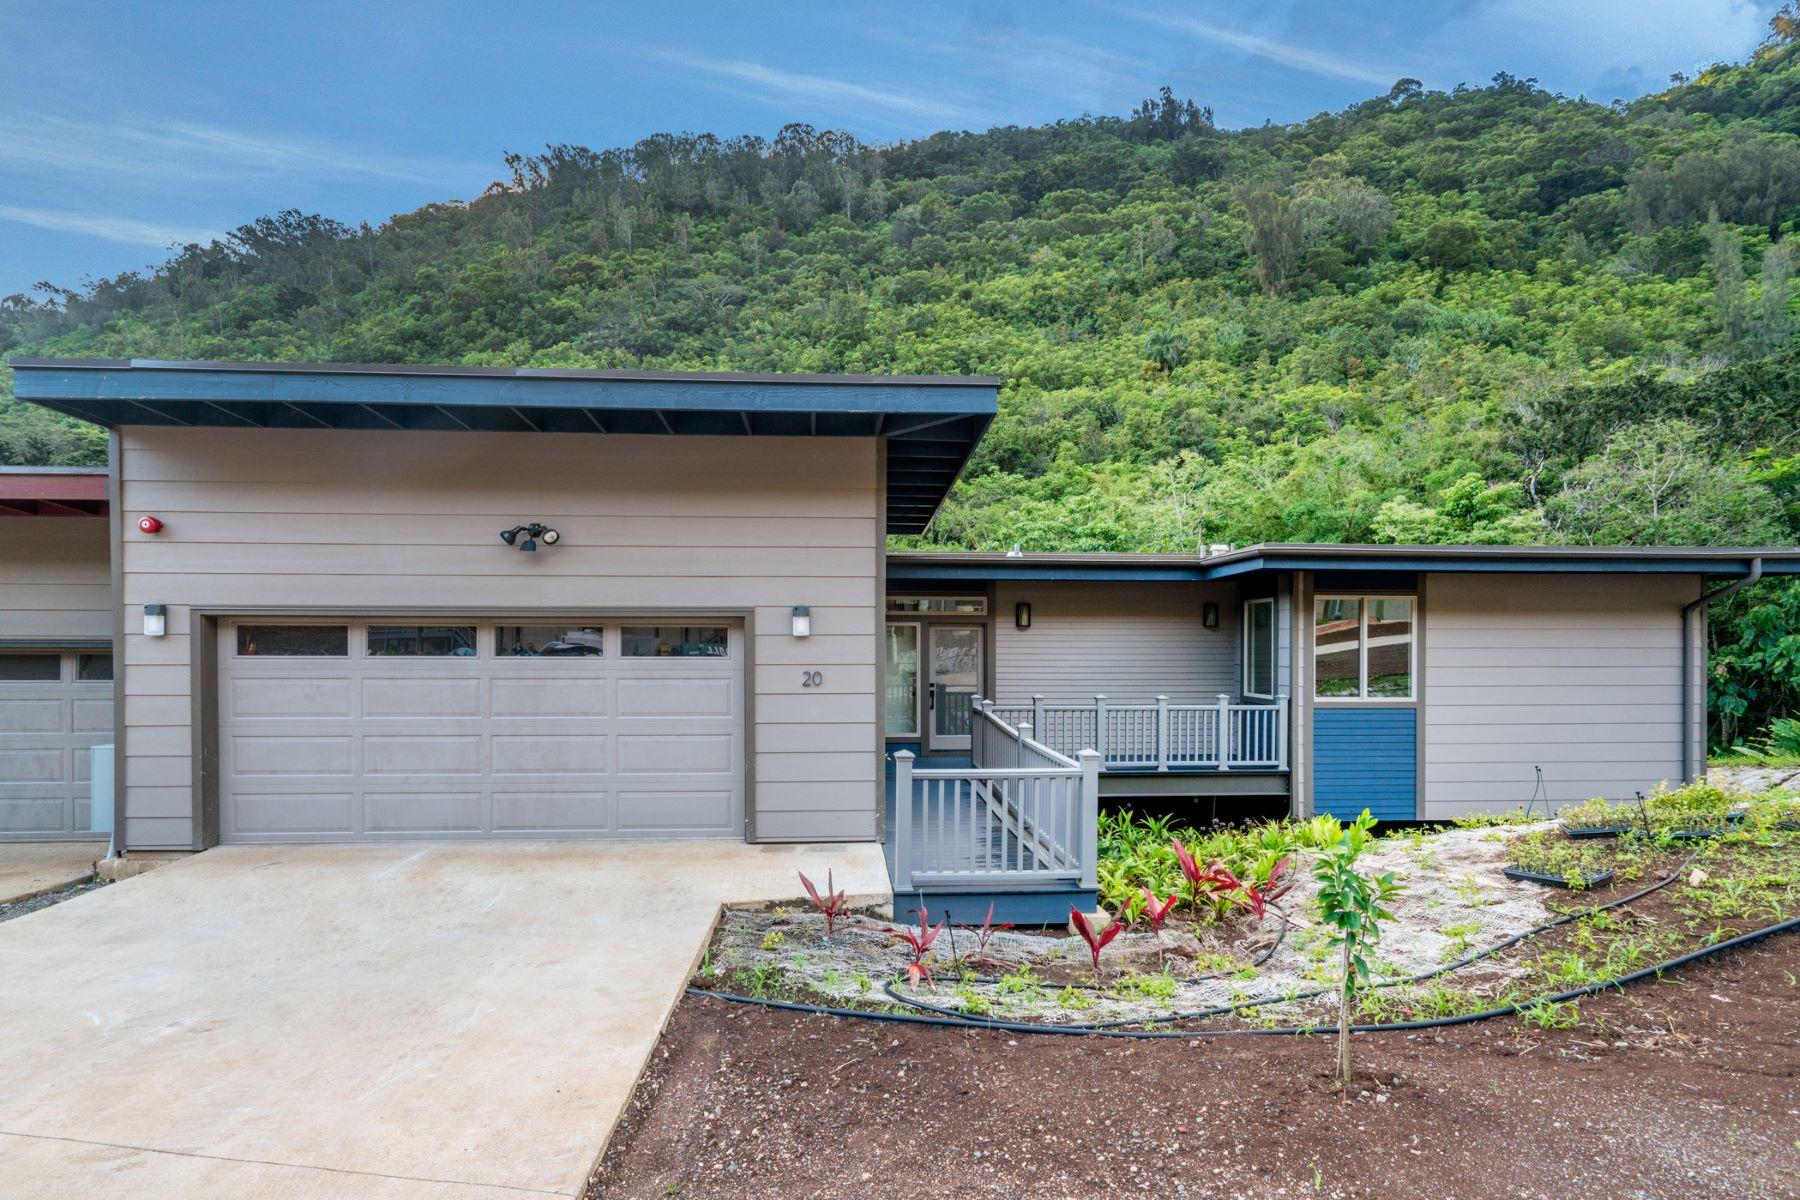 Nhà ở một gia đình vì Bán tại Diamond at Kapiwai 2914 Booth Rd #20 Pauoa Valley, Honolulu, Hawaii, 96813 Hoa Kỳ